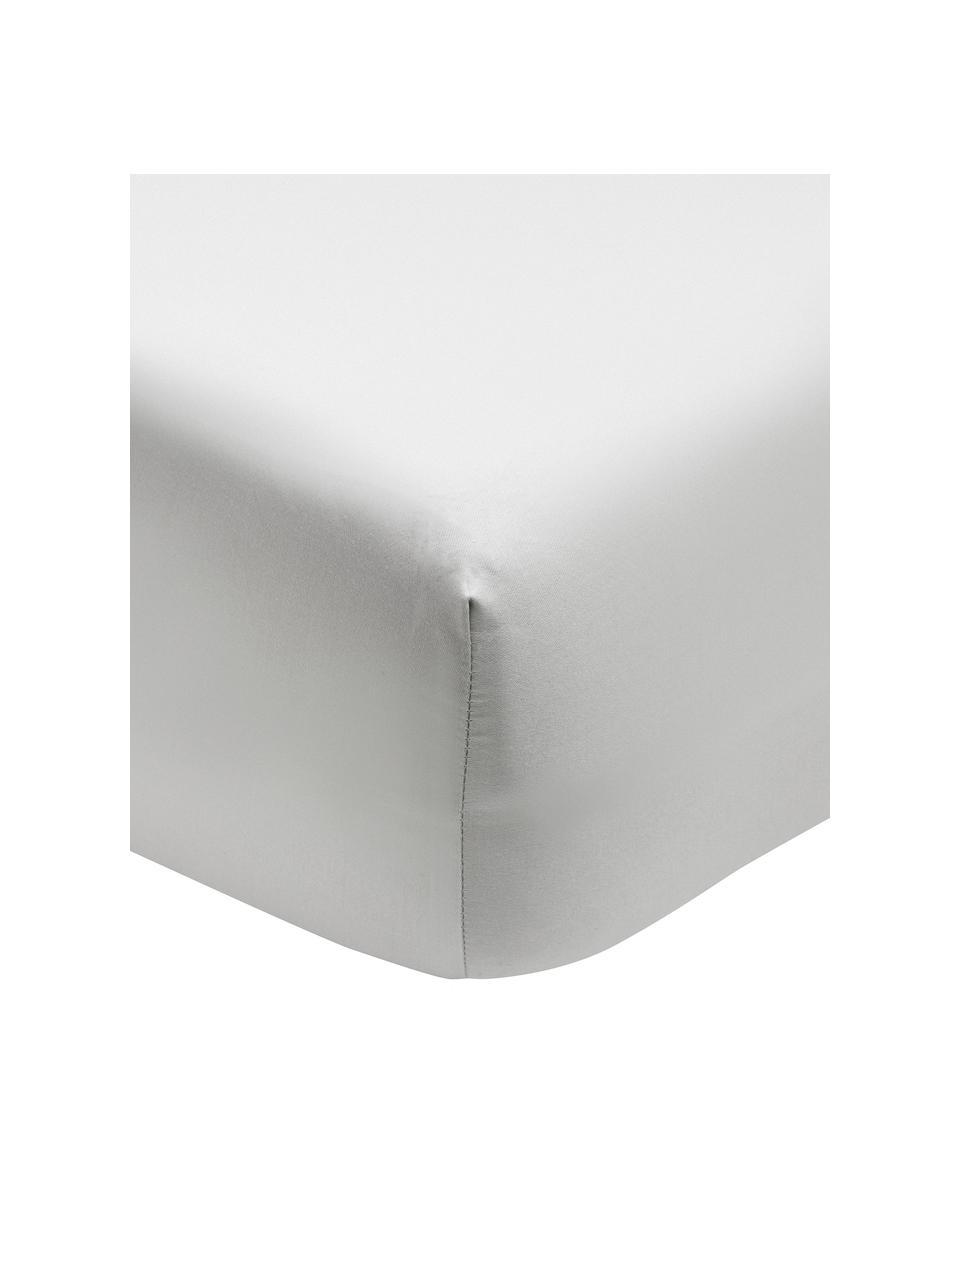 Spannbettlaken Premium aus Bio-Baumwolle in Hellgrau, Satin, Webart: Satin Fadendichte 400 TC,, Hellgrau, 180 x 200 cm